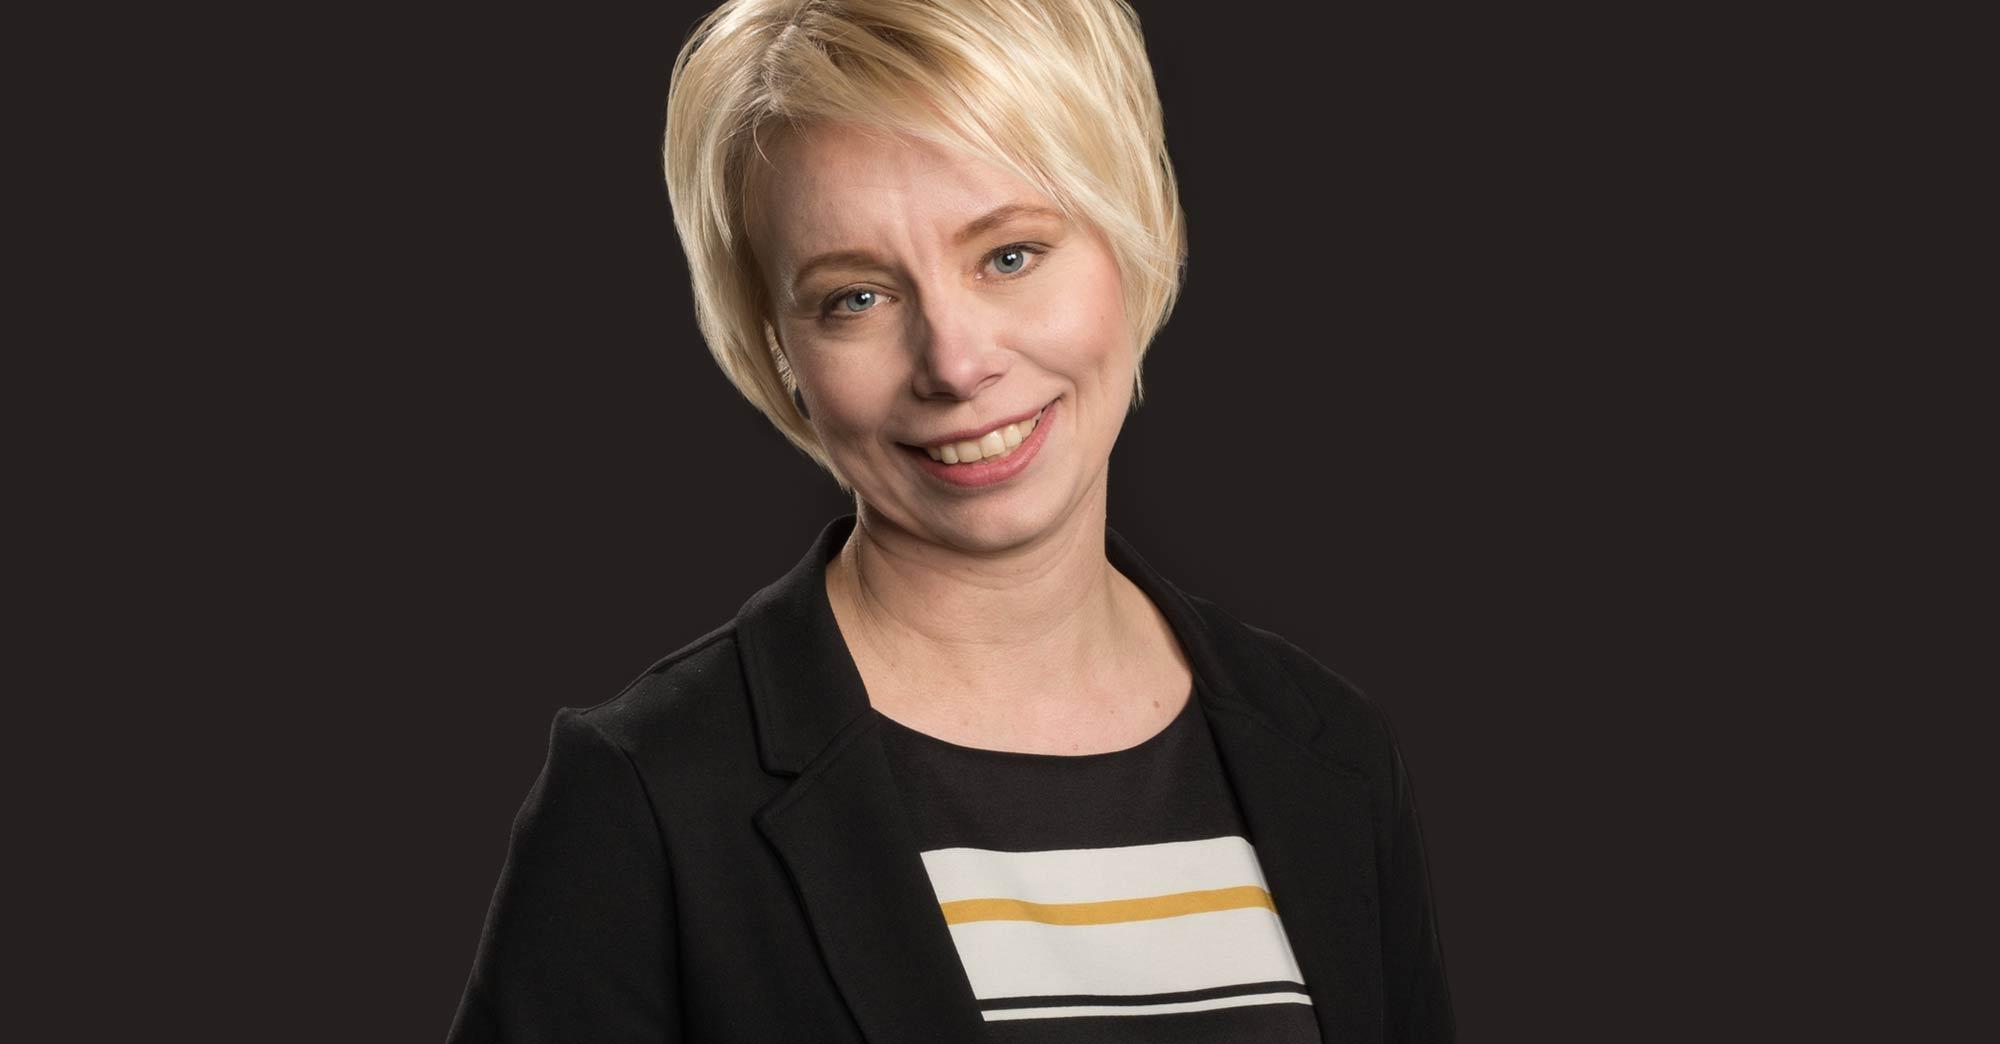 Jarkko Männistö asianajotoimisto Susanna Vähä-Herttua